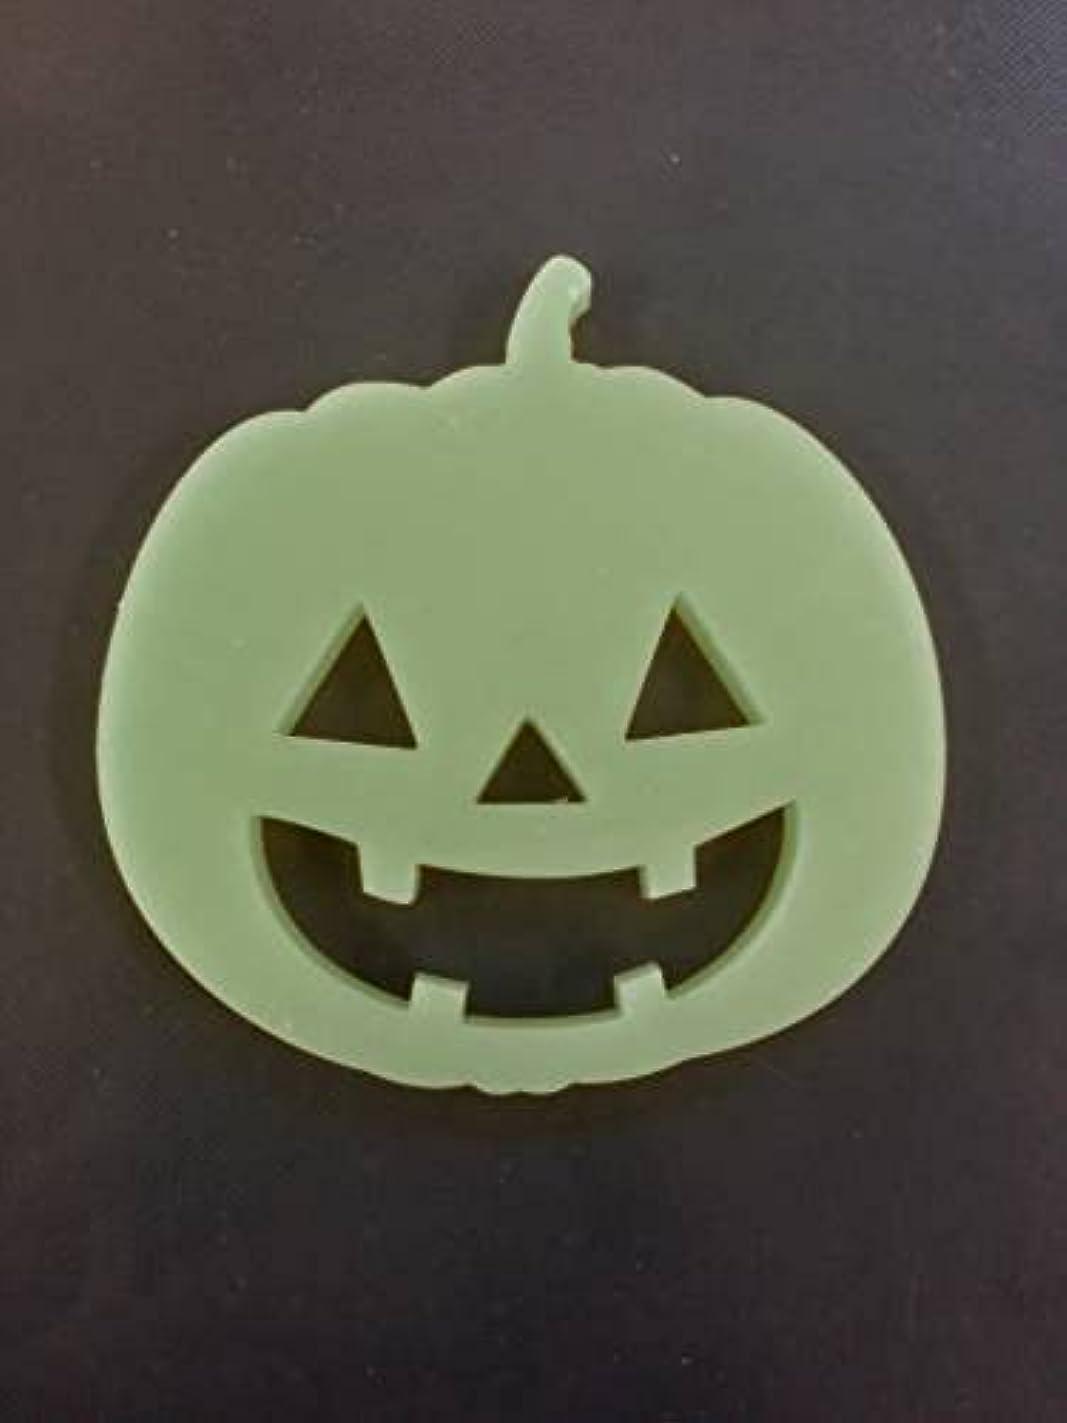 GRASSE TOKYO AROMATICWAXチャーム「ハロウィンかぼちゃ」(GR) レモングラス アロマティックワックス グラーストウキョウ